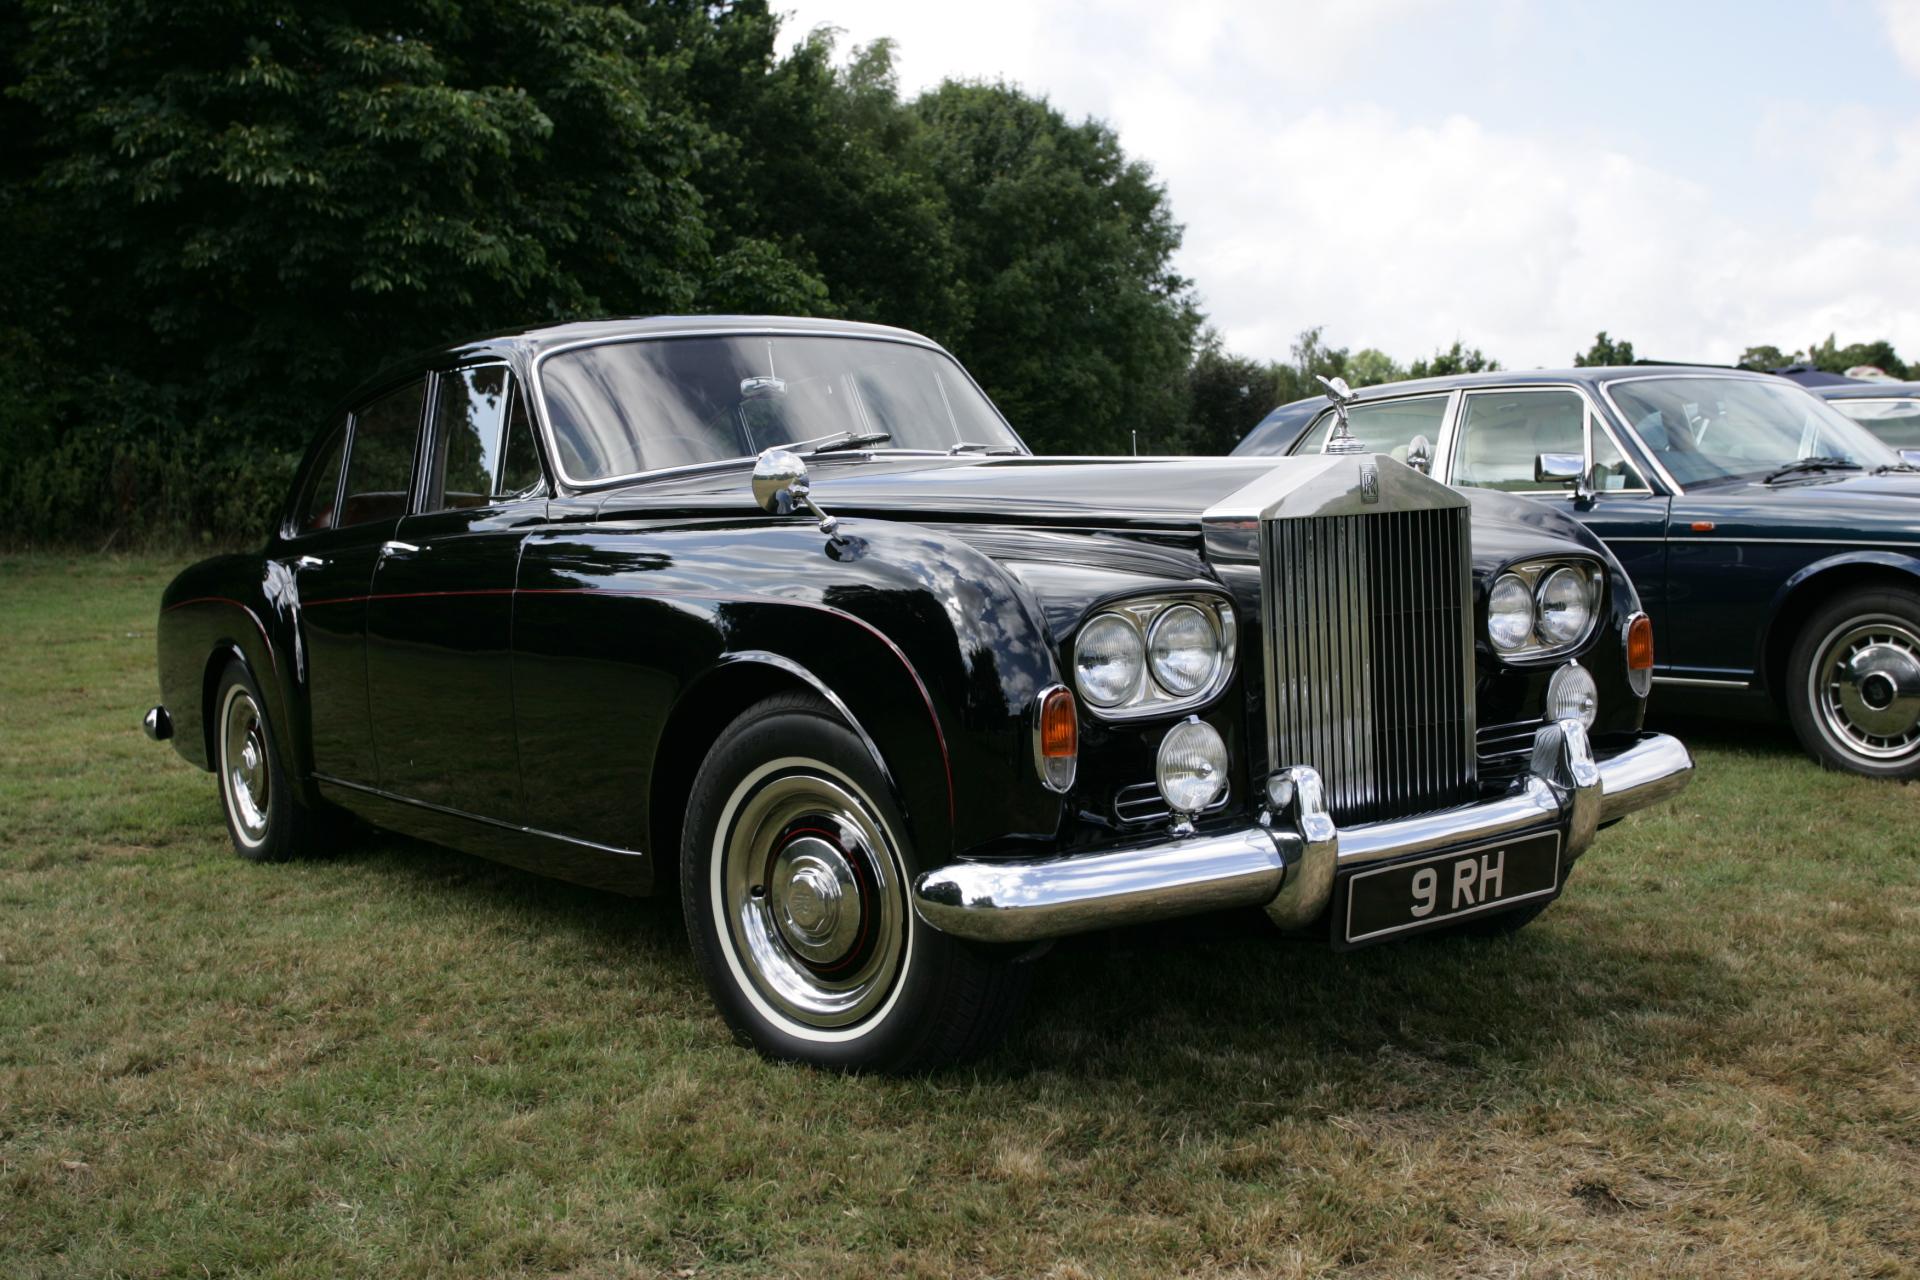 Rolls-Royce Silver Cloud III by HJM